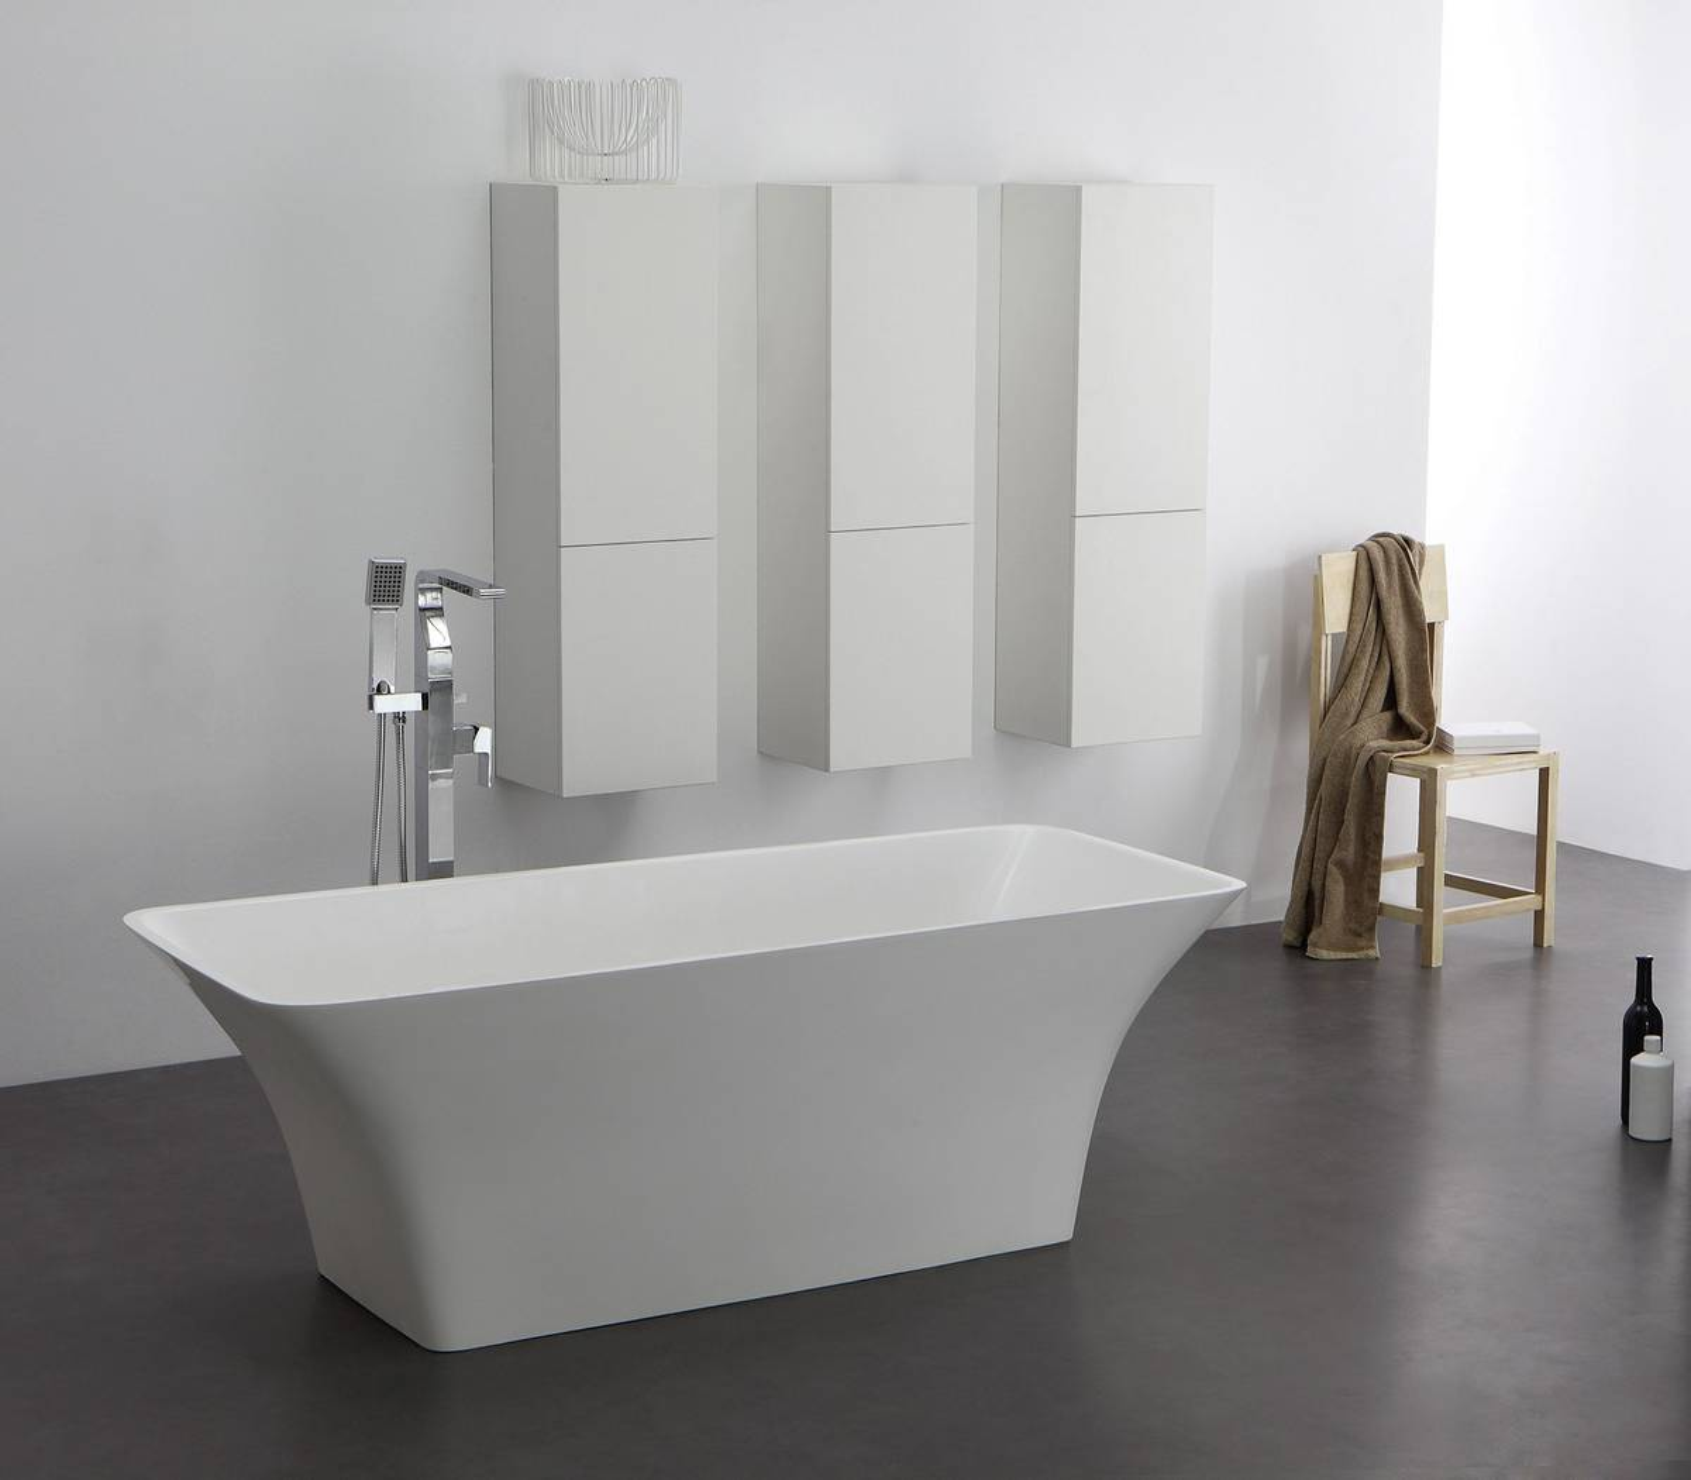 Freistehende Badewanne aus Mineralguss KZOAO0901  Four